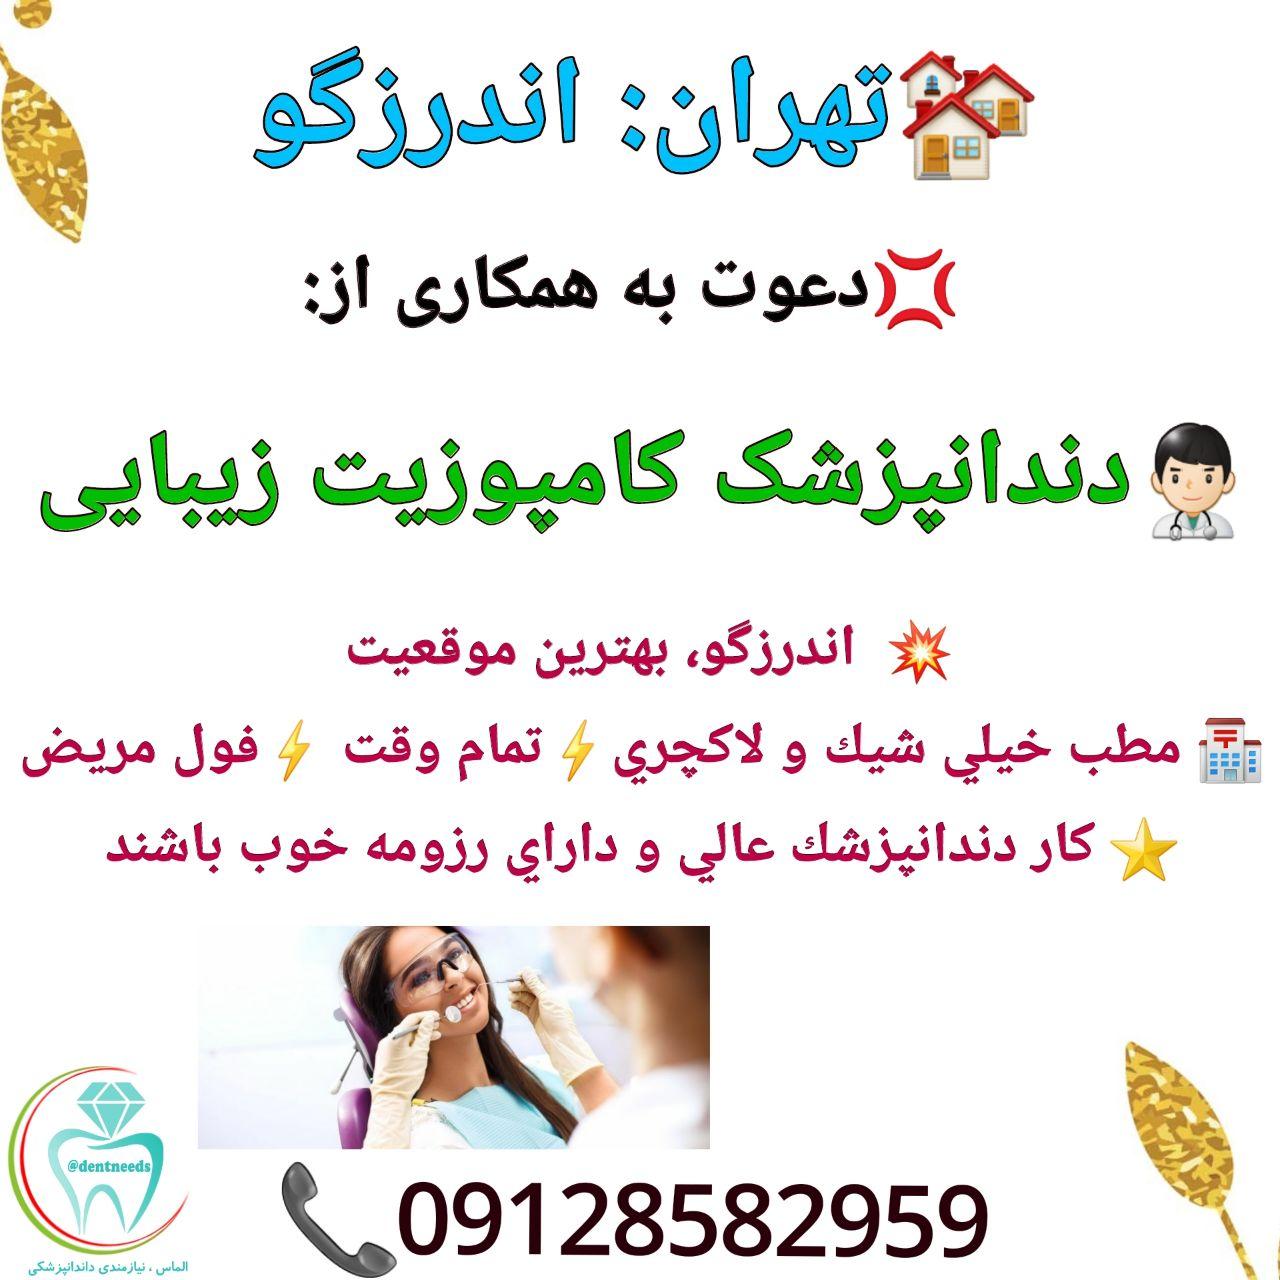 تهران: اندرزگو، نیاز به دندانپزشک کامپوزیت زیبایی